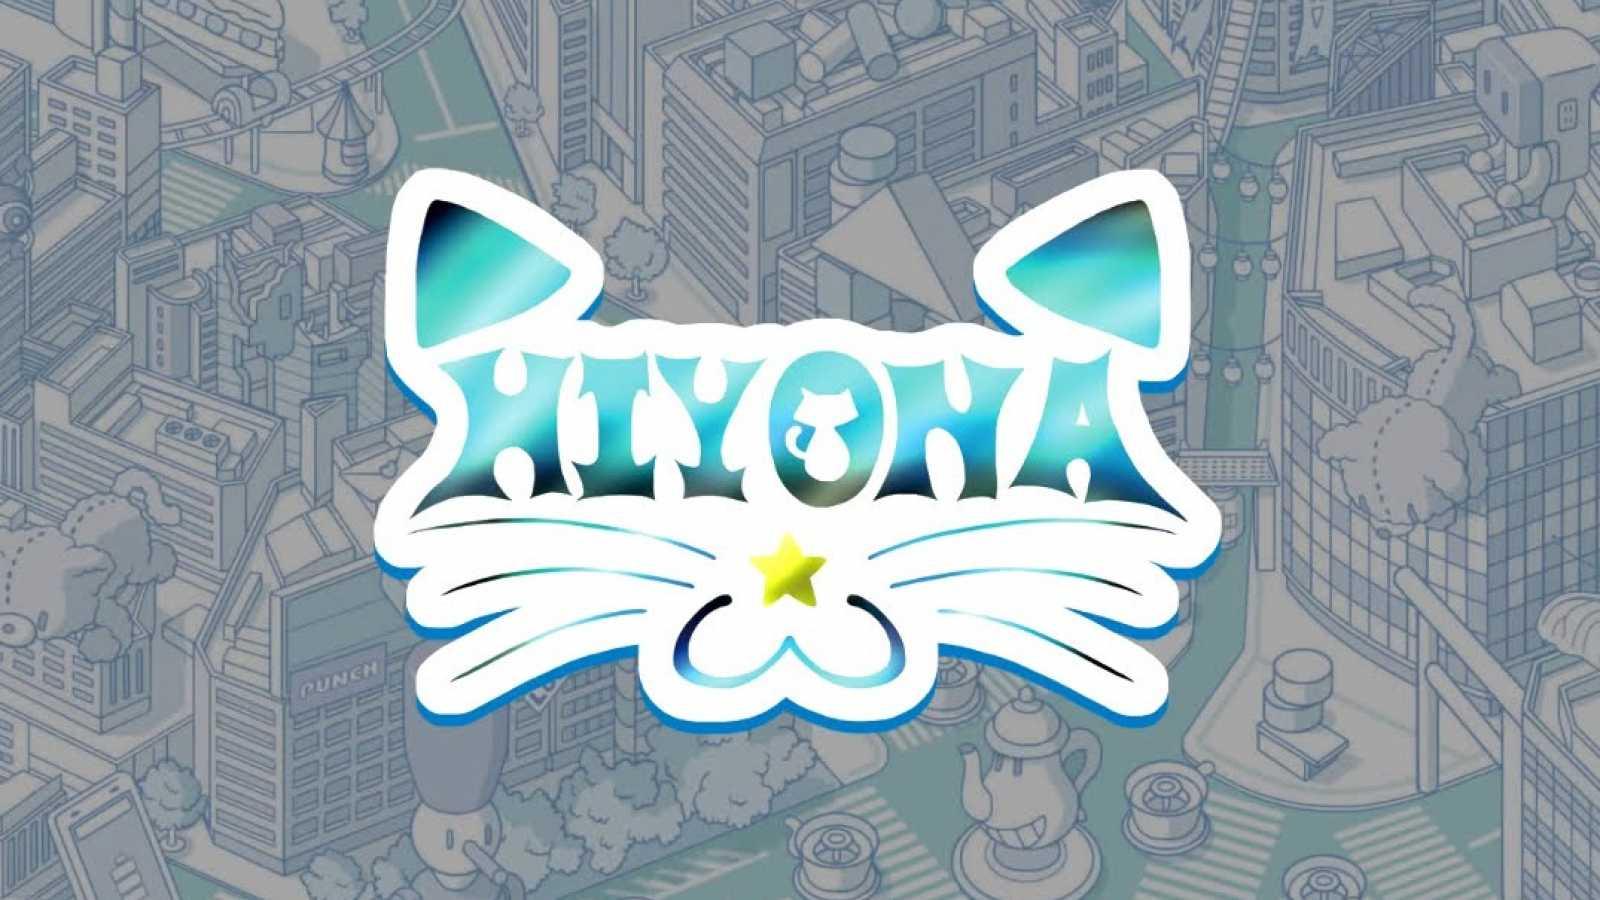 Debiutancki minialbum HiyonY © HiyonA. All rights reserved.